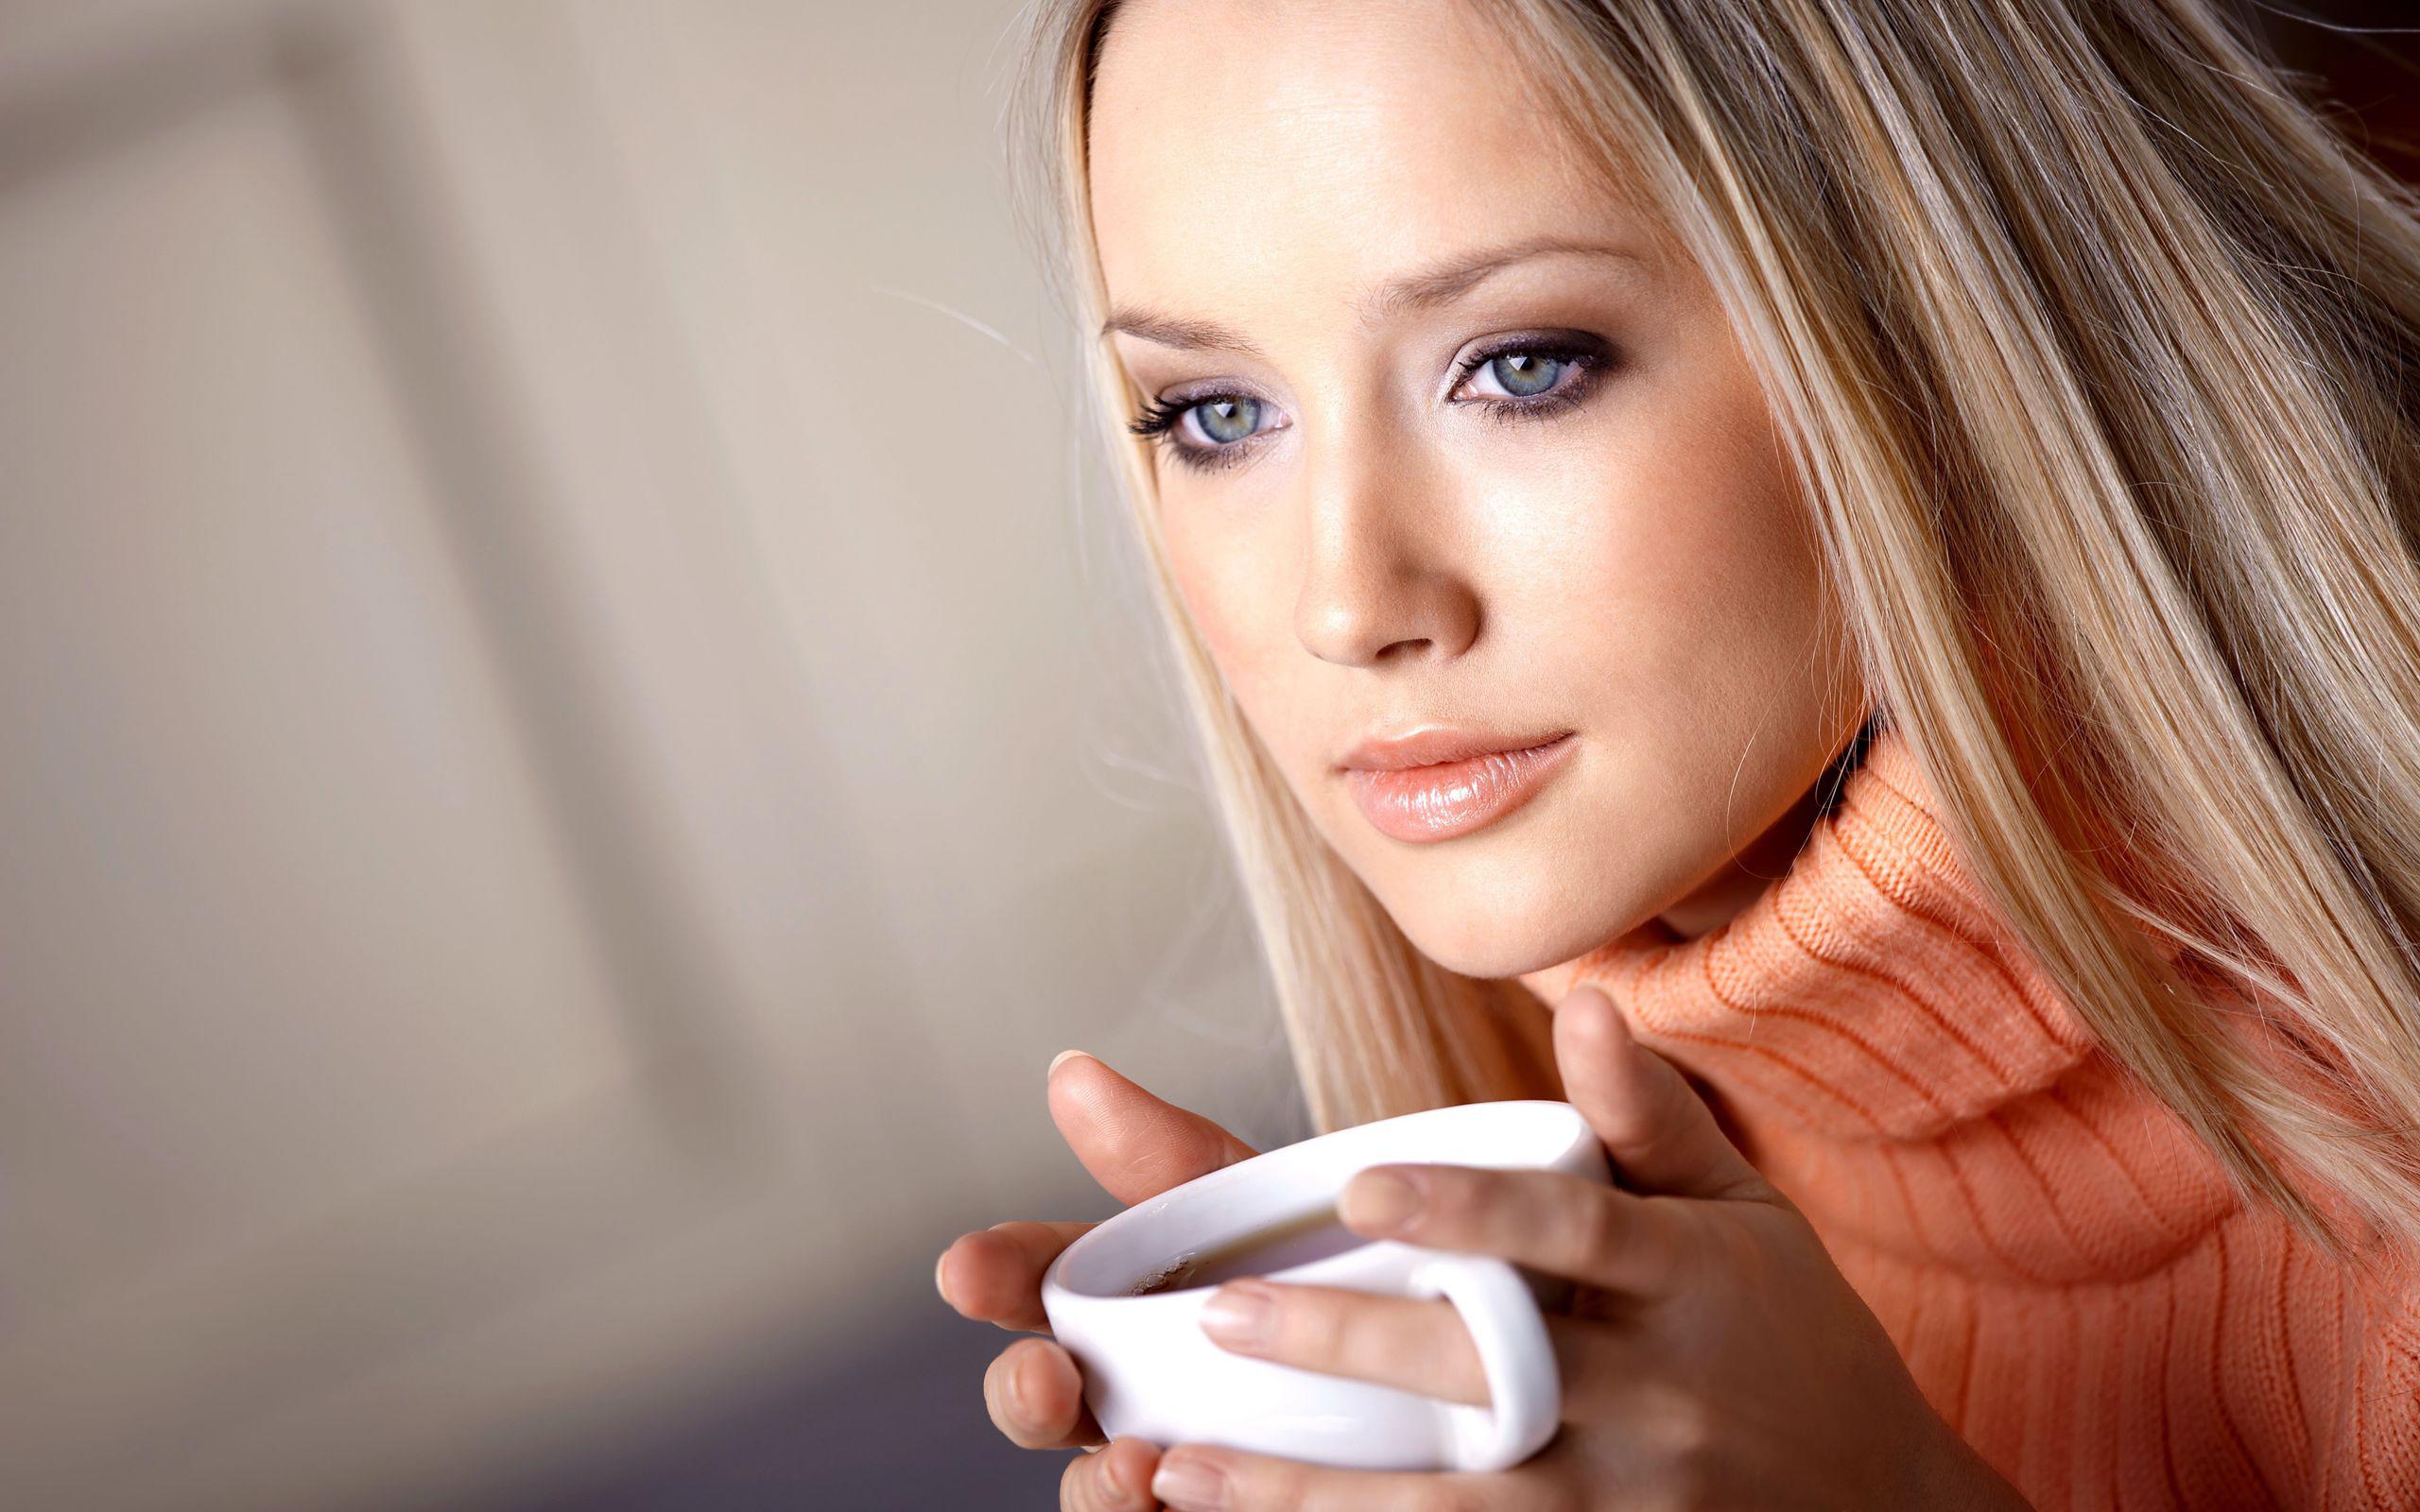 Фото девушек на сайтах 27 фотография